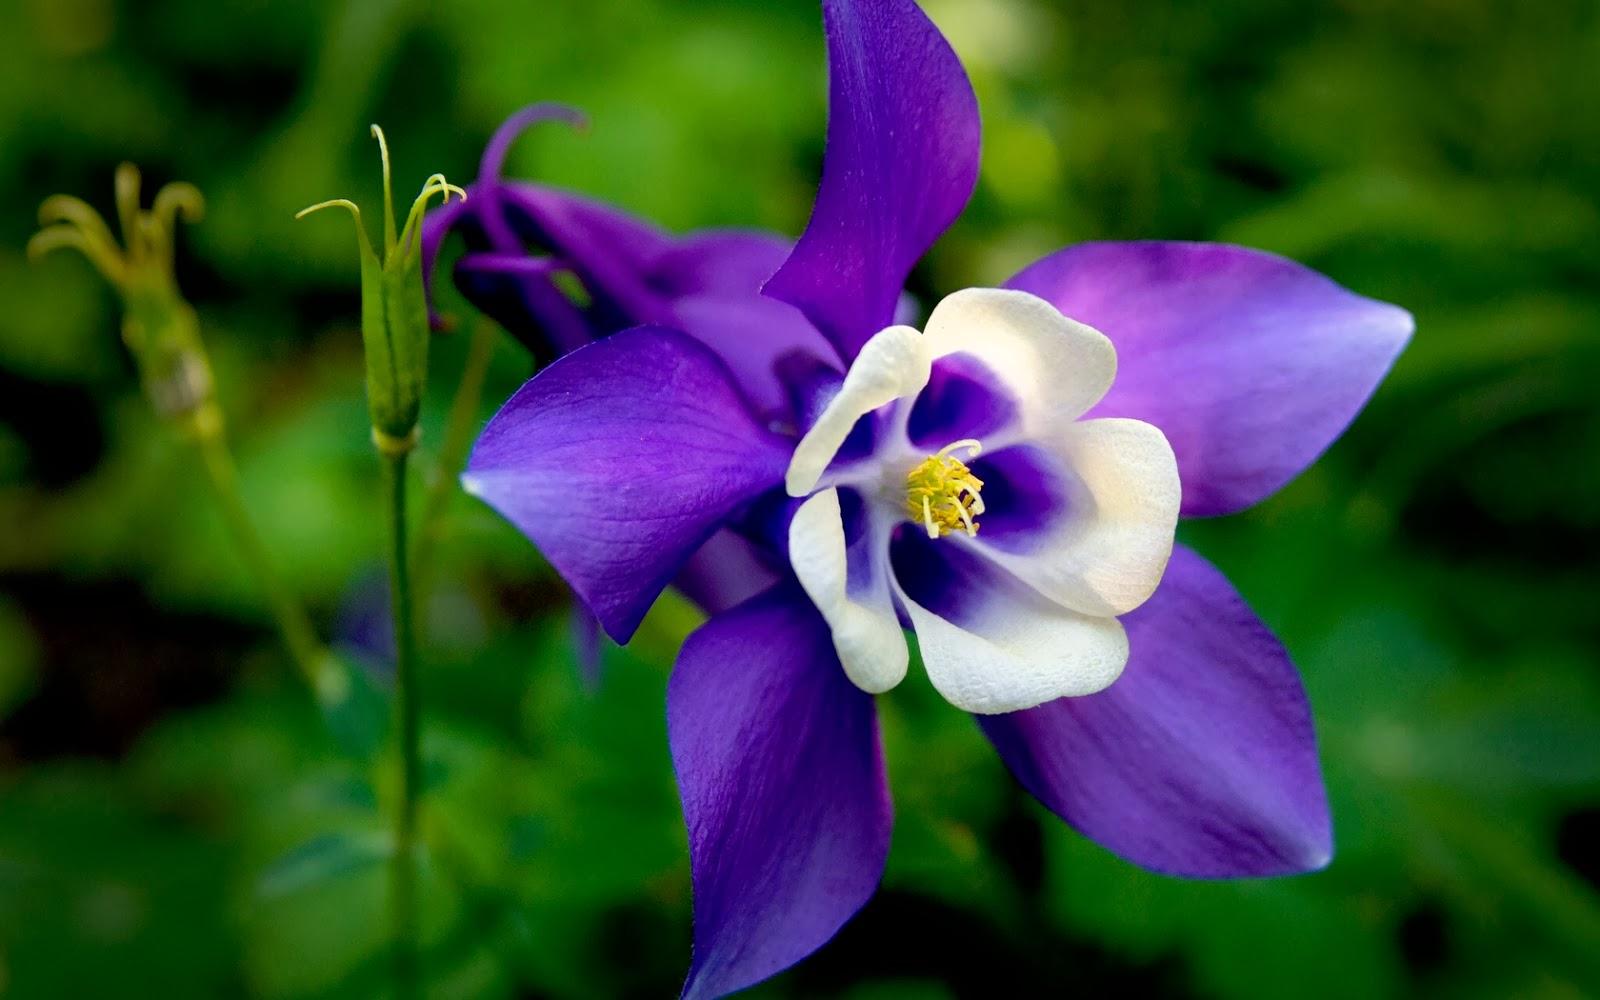 imagenes de flores claveles - Claveles: cultivo y cuidados Plantas facilisimo com